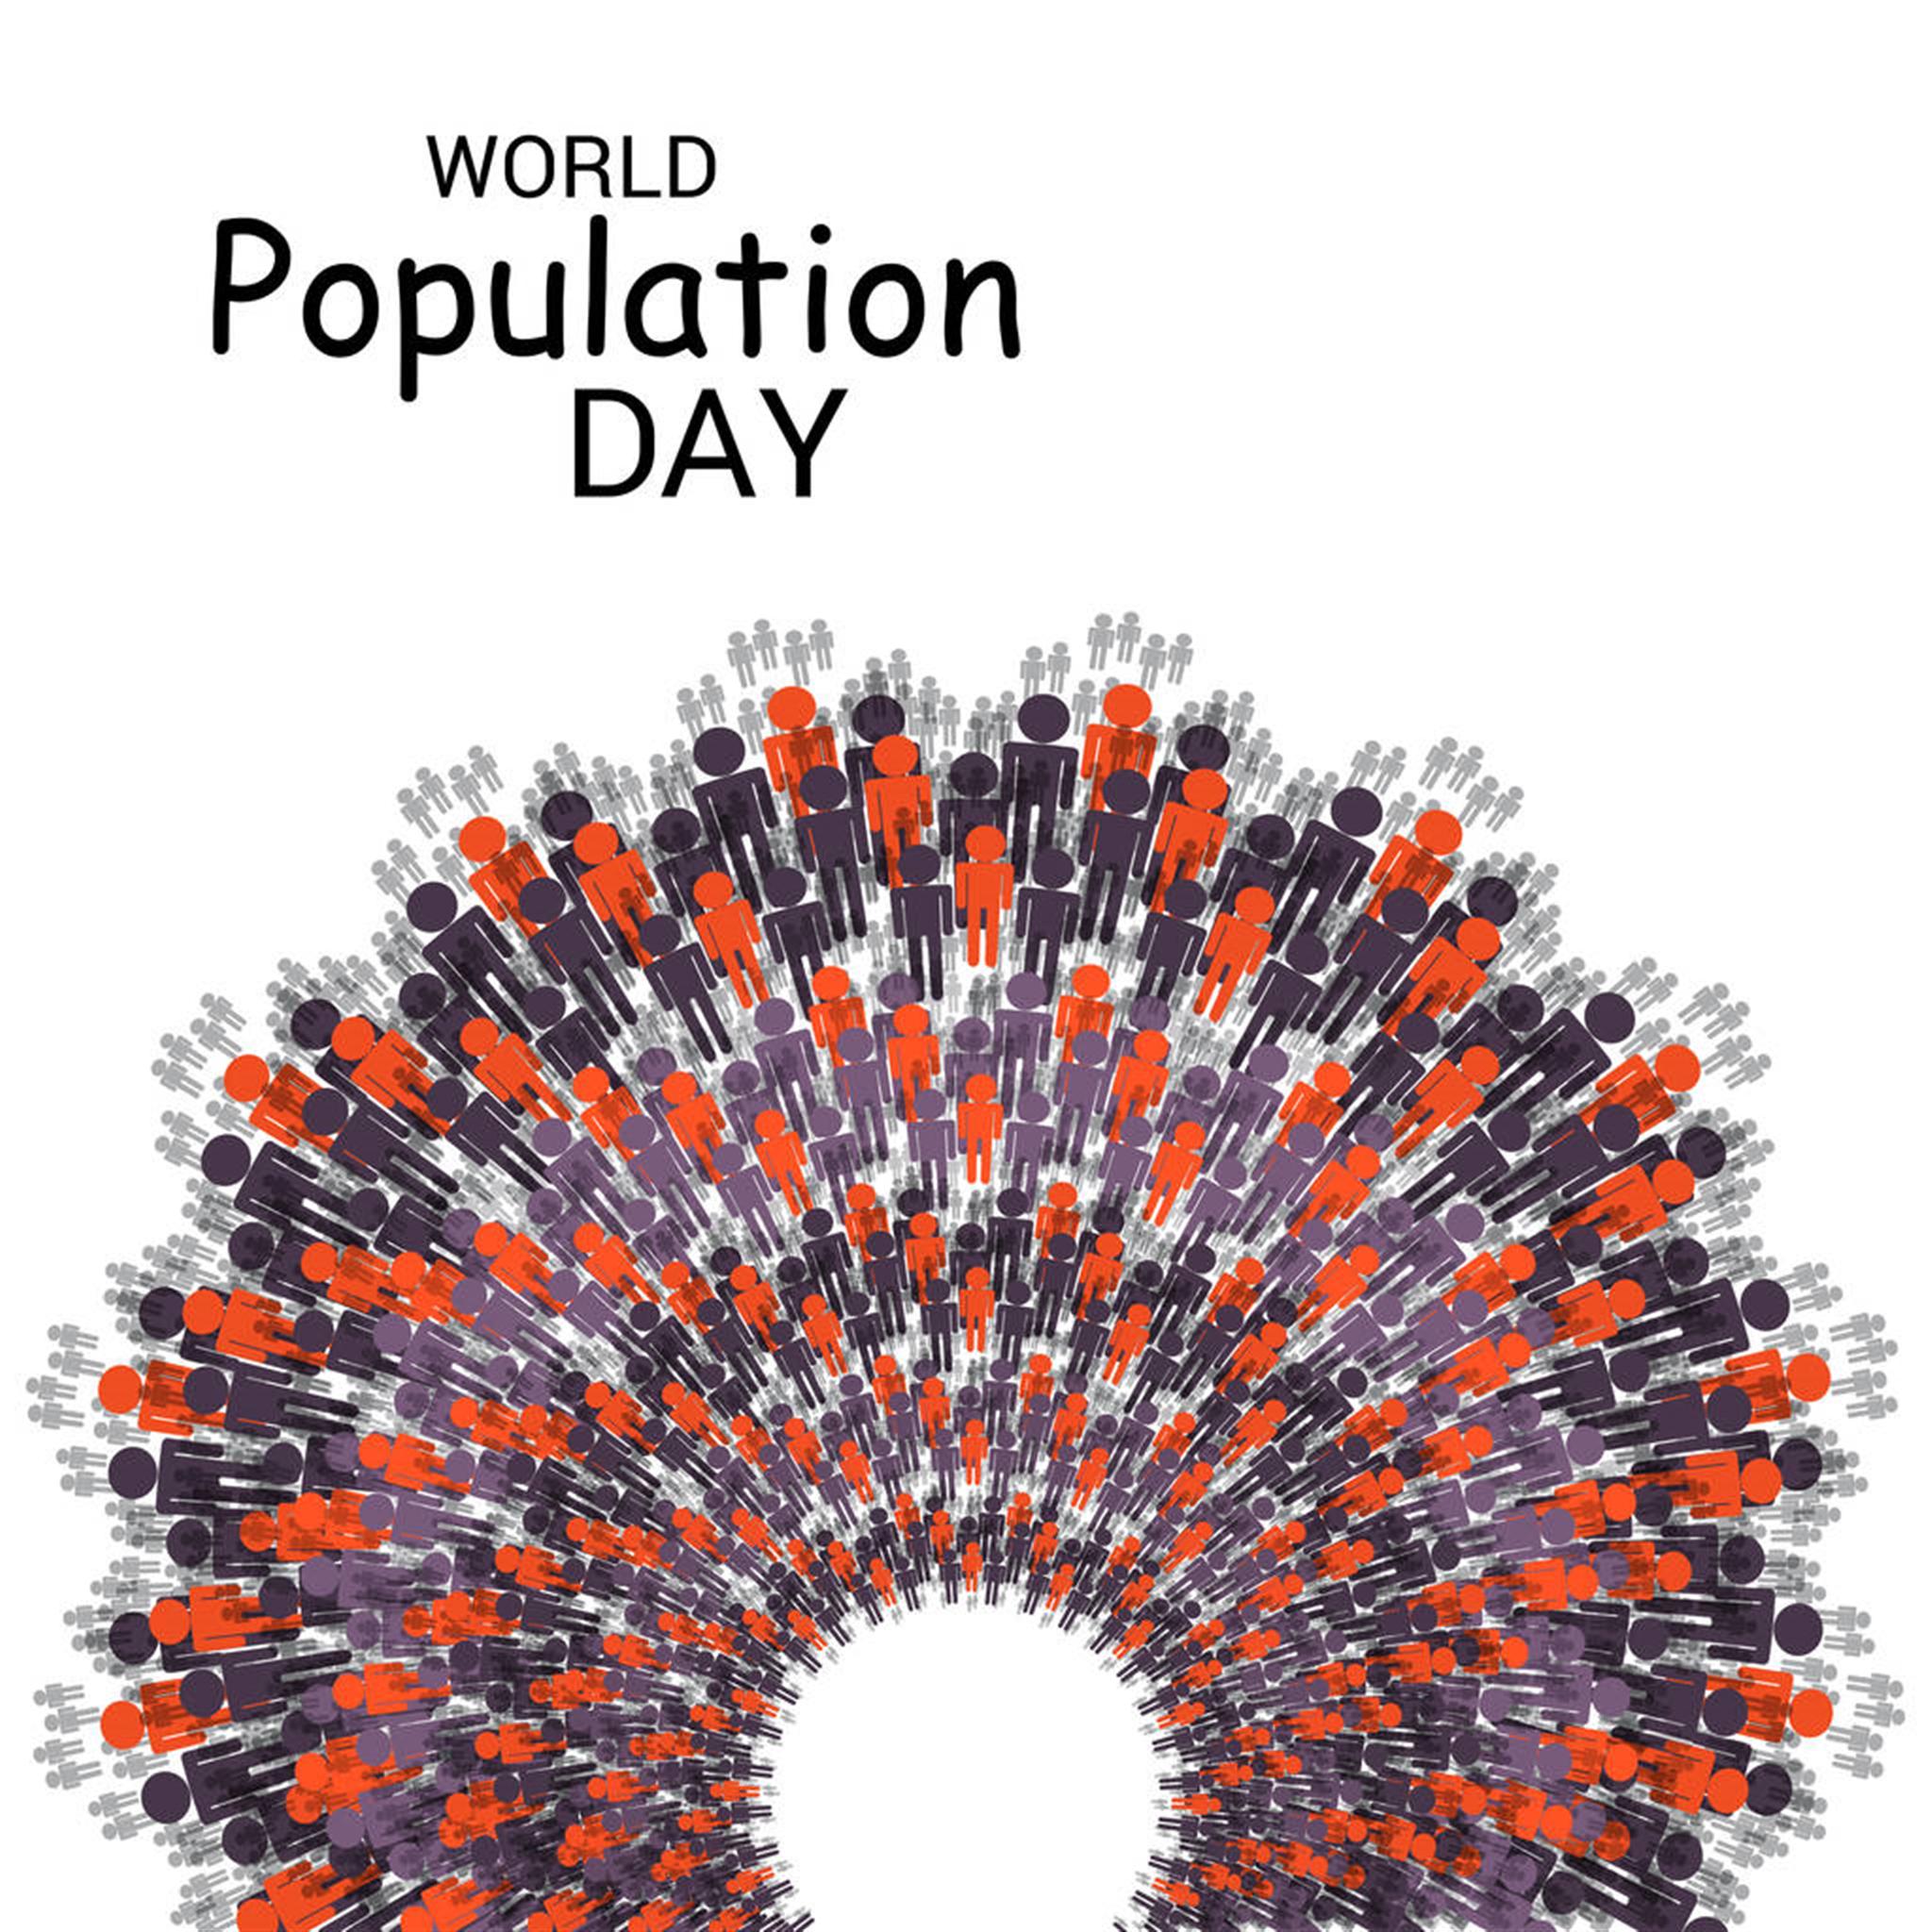 """020年印度人口超过中国印度人口超过中国了吗"""""""